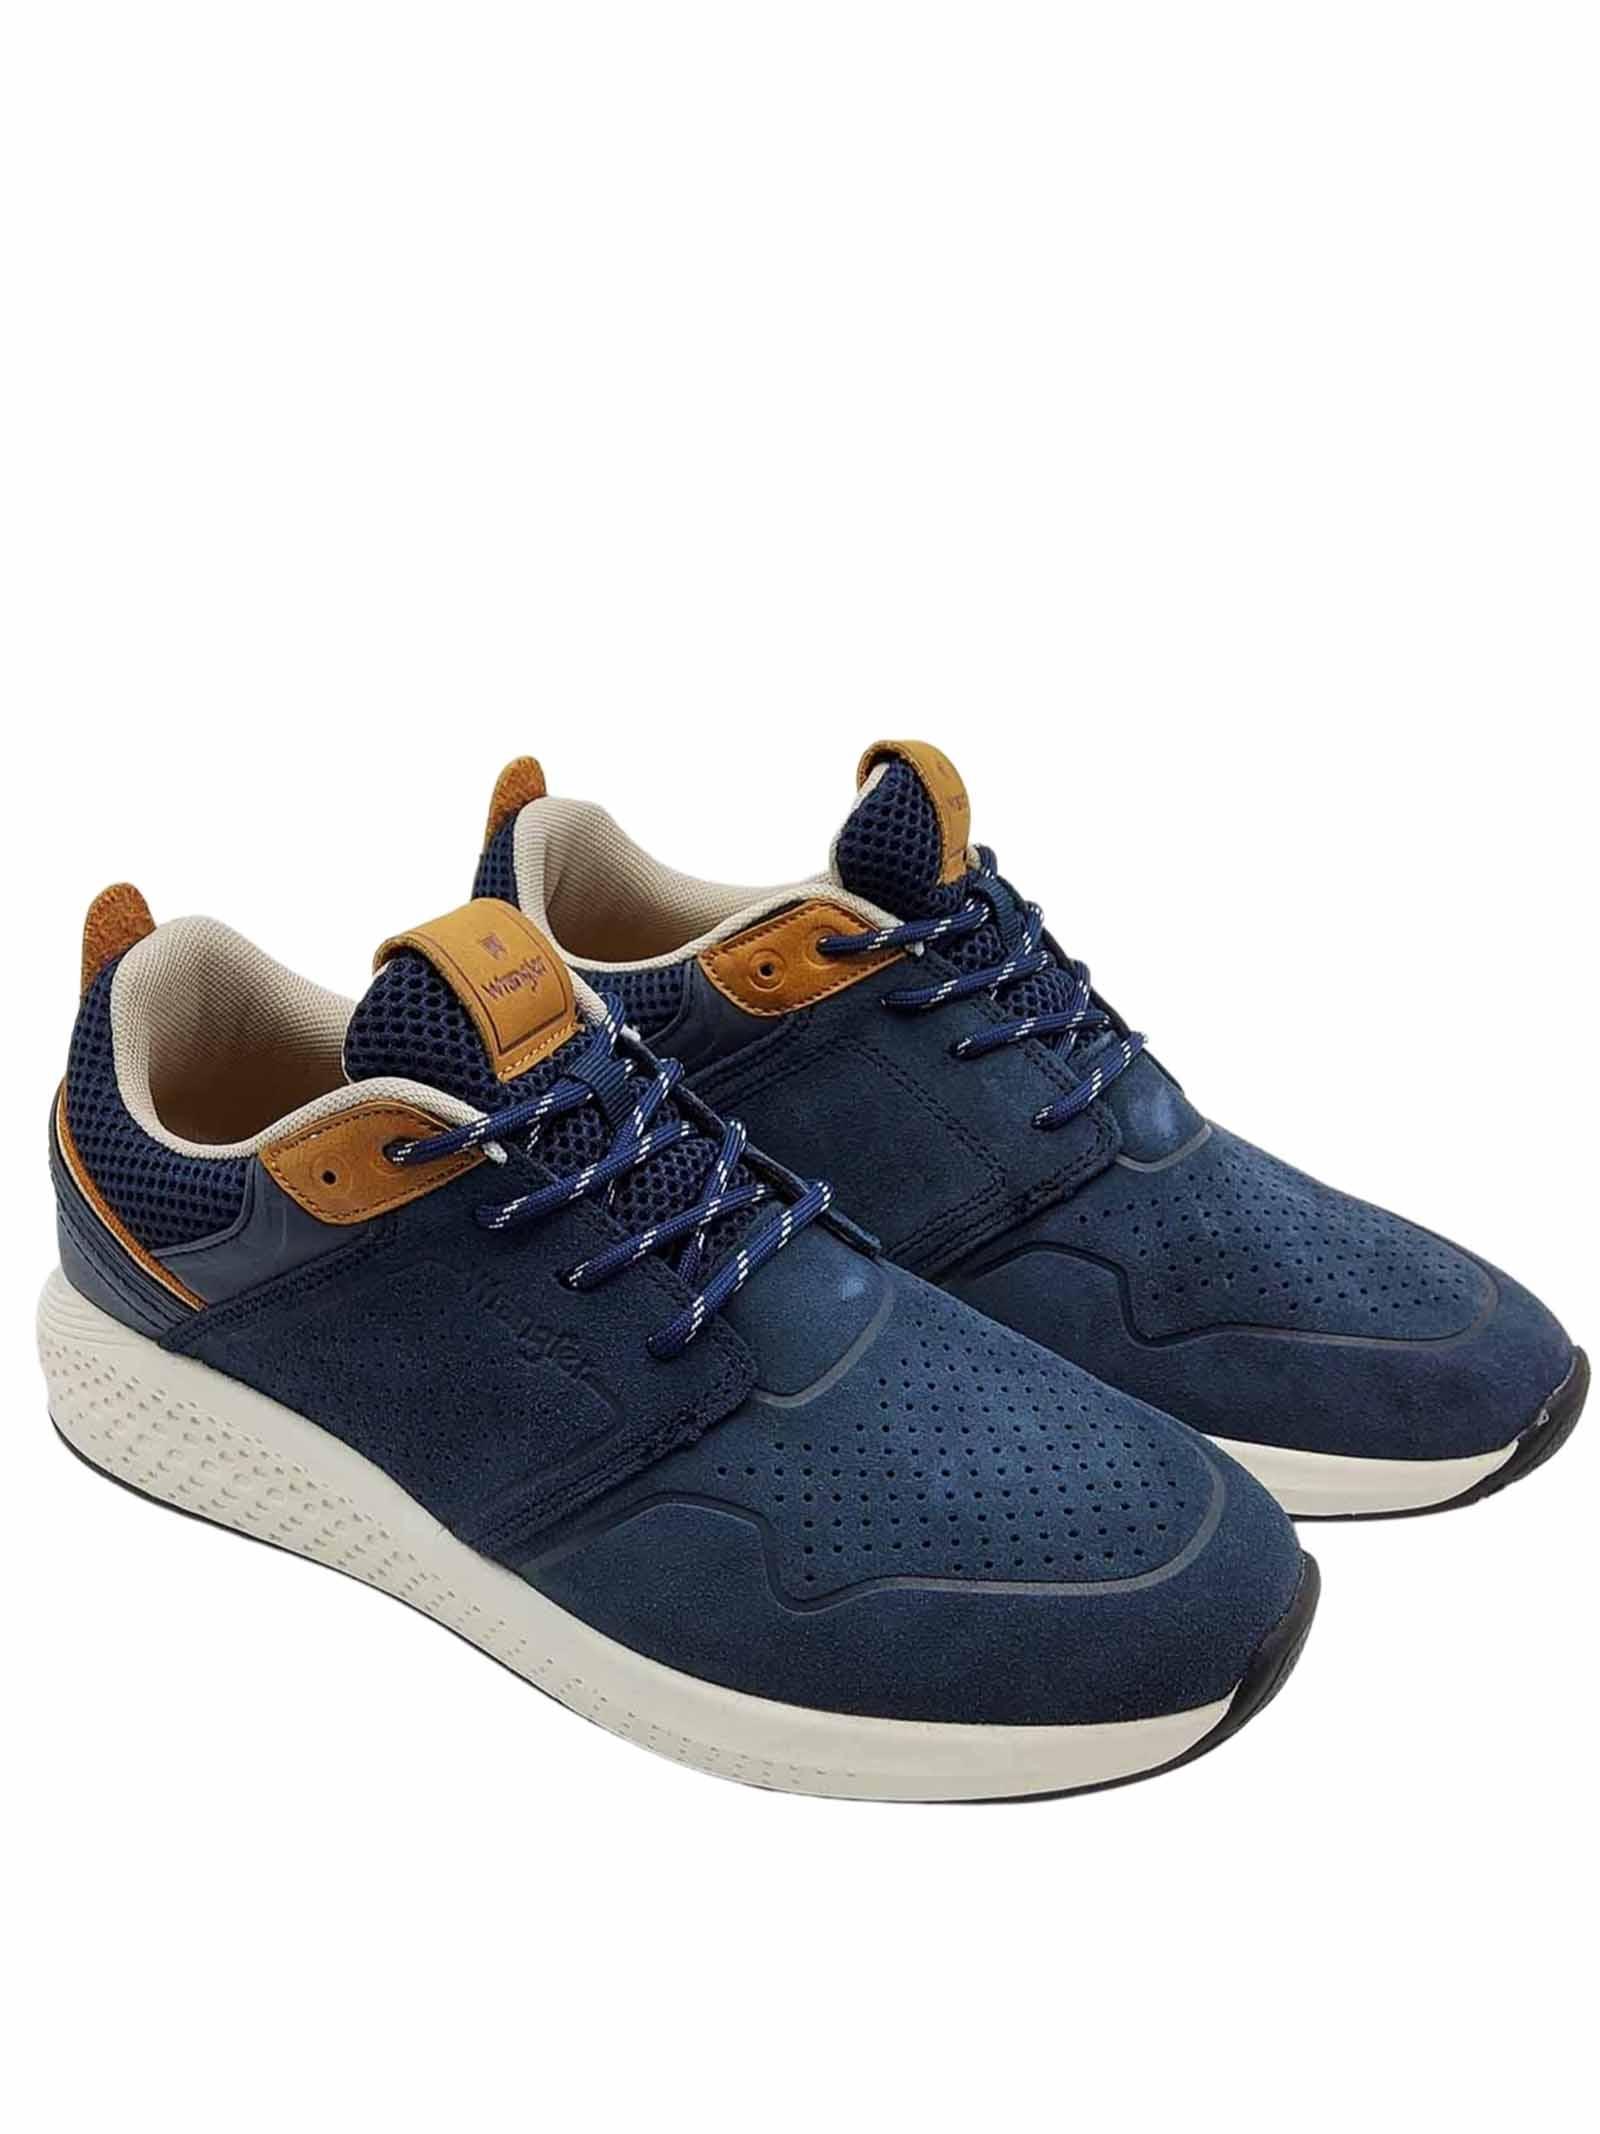 Calzature Uomo Sneakers Sequoia City in Camoscio Blu Militare con Fondo Ultraleggero Wrangler | Sneakers | WM11071A016